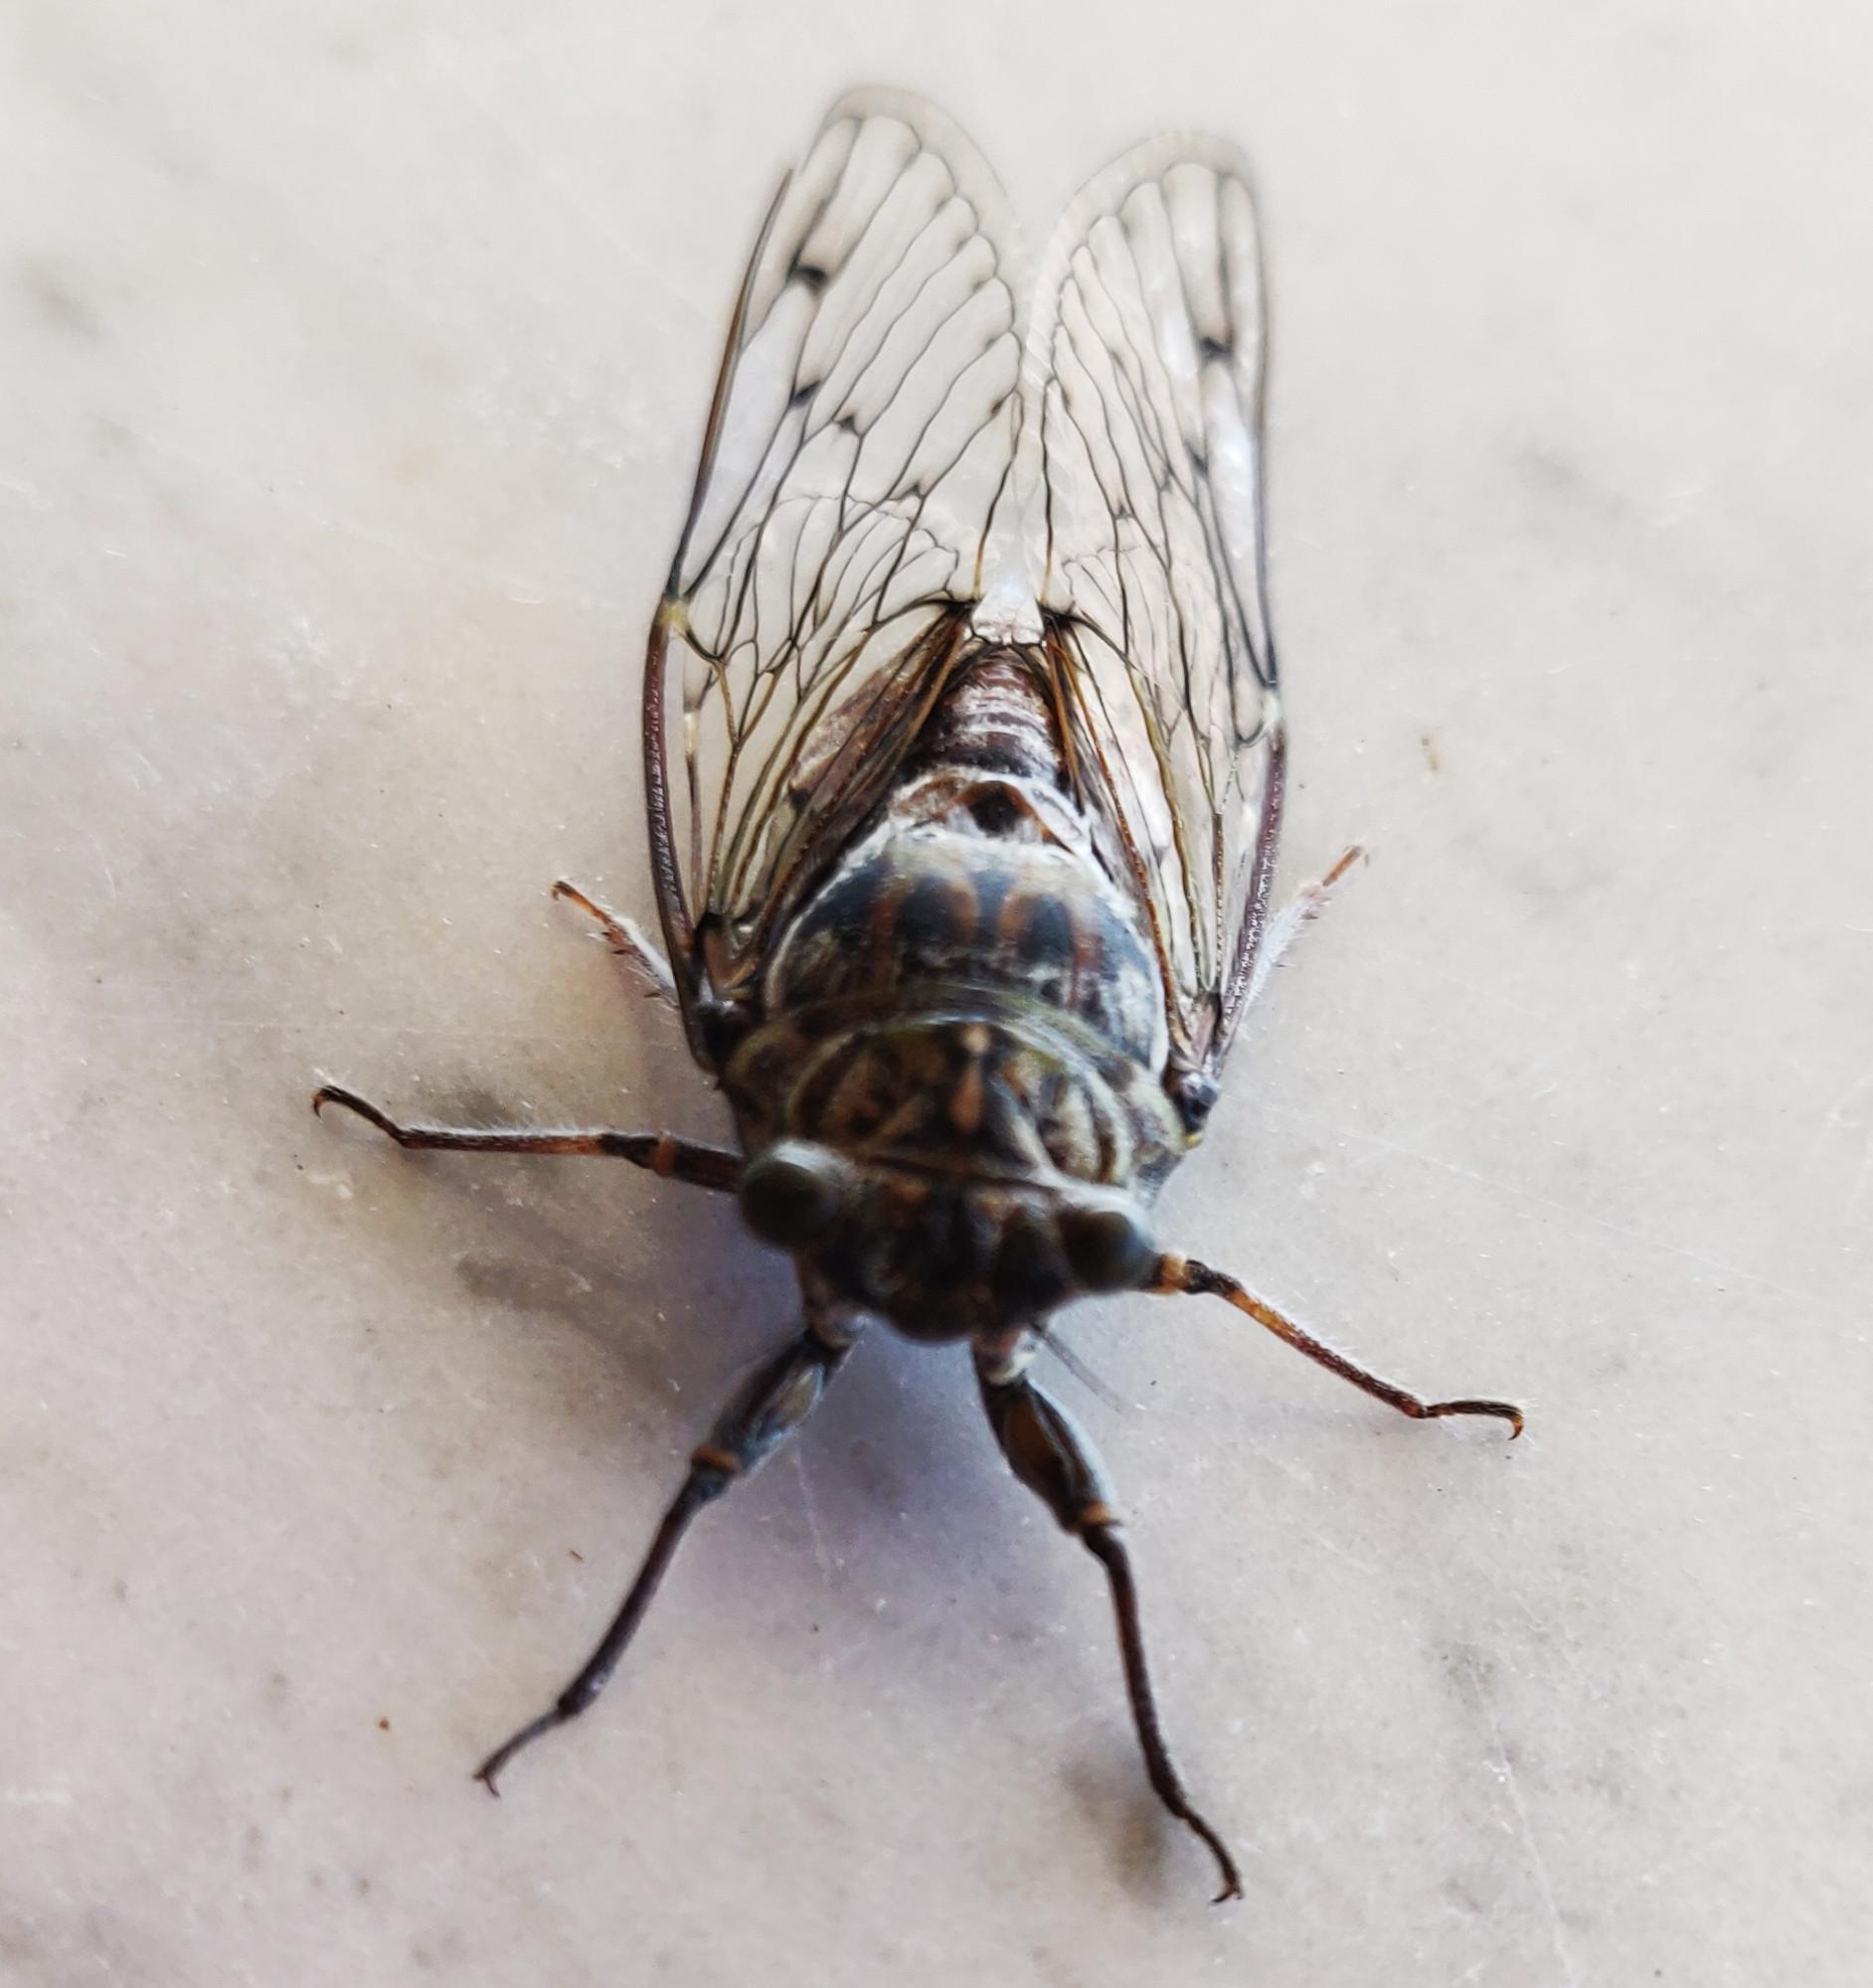 Тончайшей кистью черной тушью вырисован изящный узор.Трещит это насекомое чешуйками на животе. Как они не глохнут, не понимаю. А именно этим стрекотом мужские особи обещают любовь до гроба